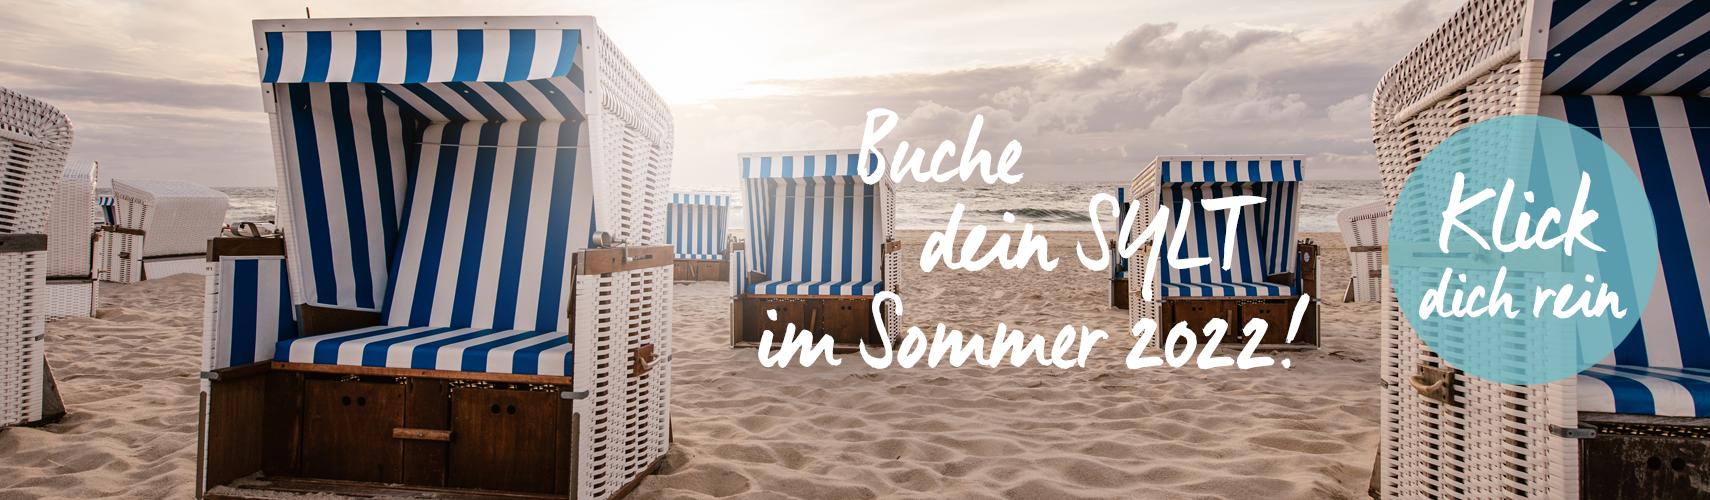 Anfrage für Sommerurlaub 2021 im Wyn. Strandhotel Sylt